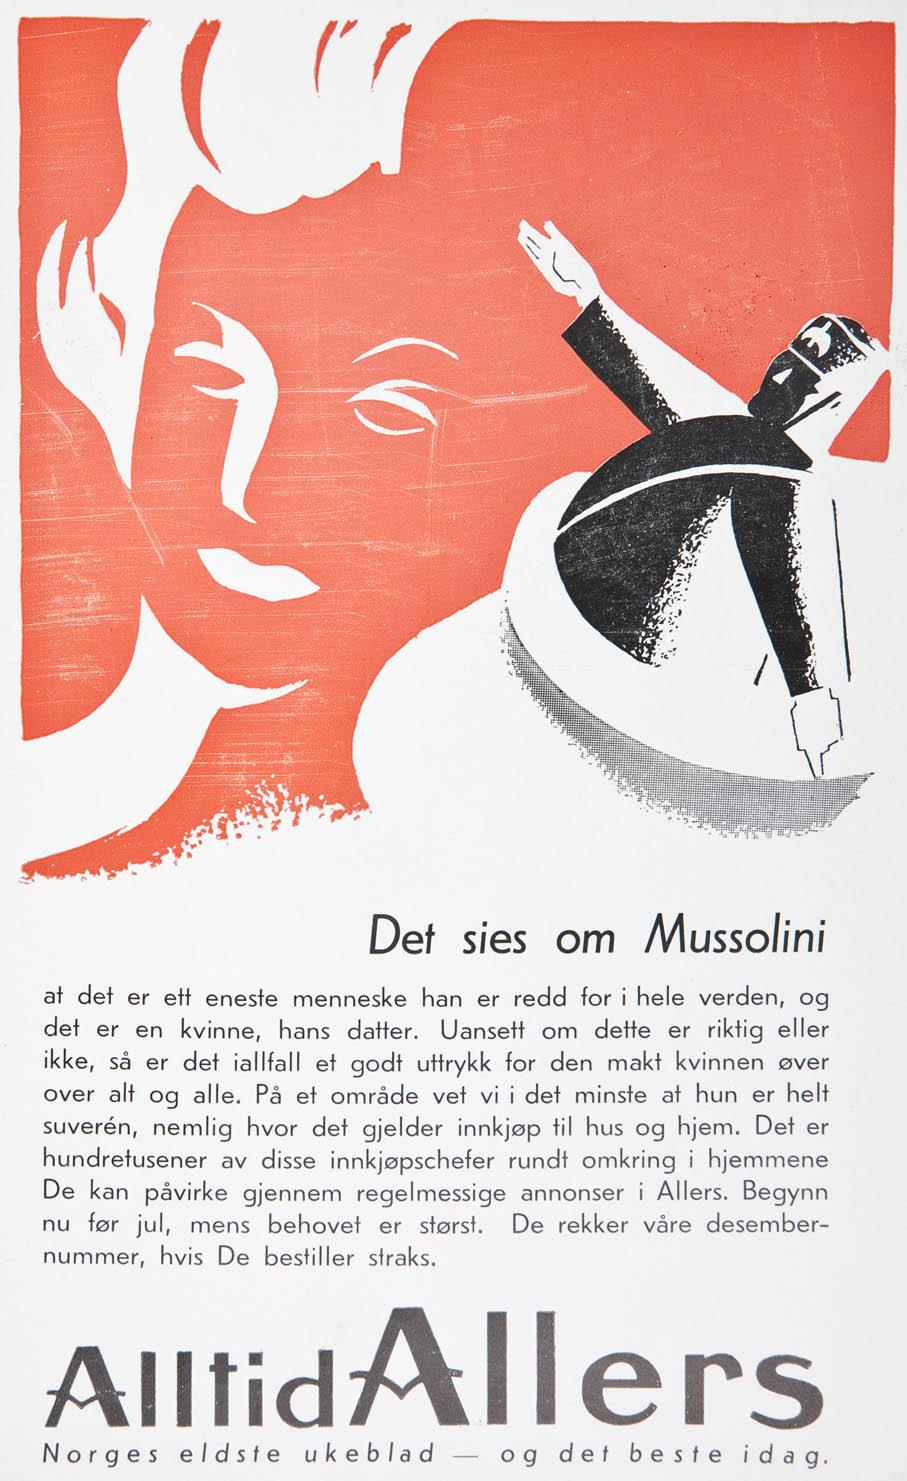 En annerledes reklame med et snev av politisk touch. Den italienske diktatoren Mussolini blir omtalt å være redd for kun et eneste menneske – hans datter. Reklamen ble publisert i november 1938. Noen måneder senere var den andre verdenskrig et faktum.